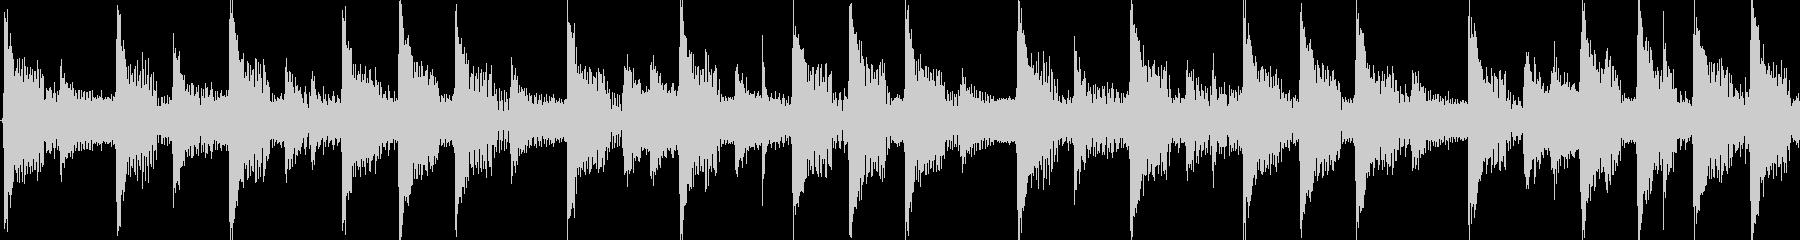 4つ打ちダンスの短いジングル(ループ)の未再生の波形